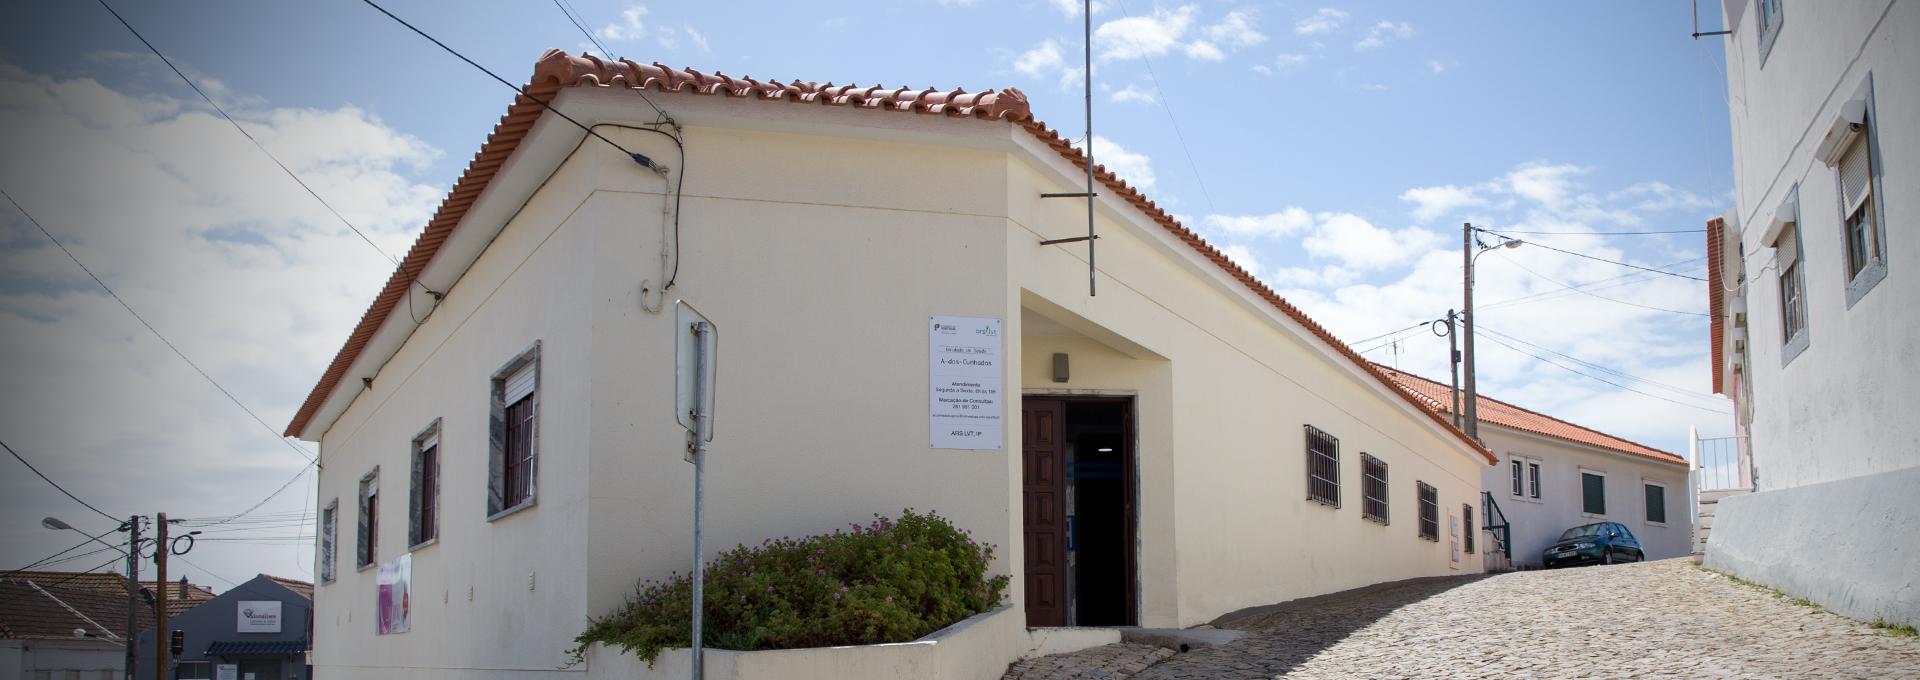 Centro de Saúde da União de Freguesias de A-dos-Cunhados e Maceira